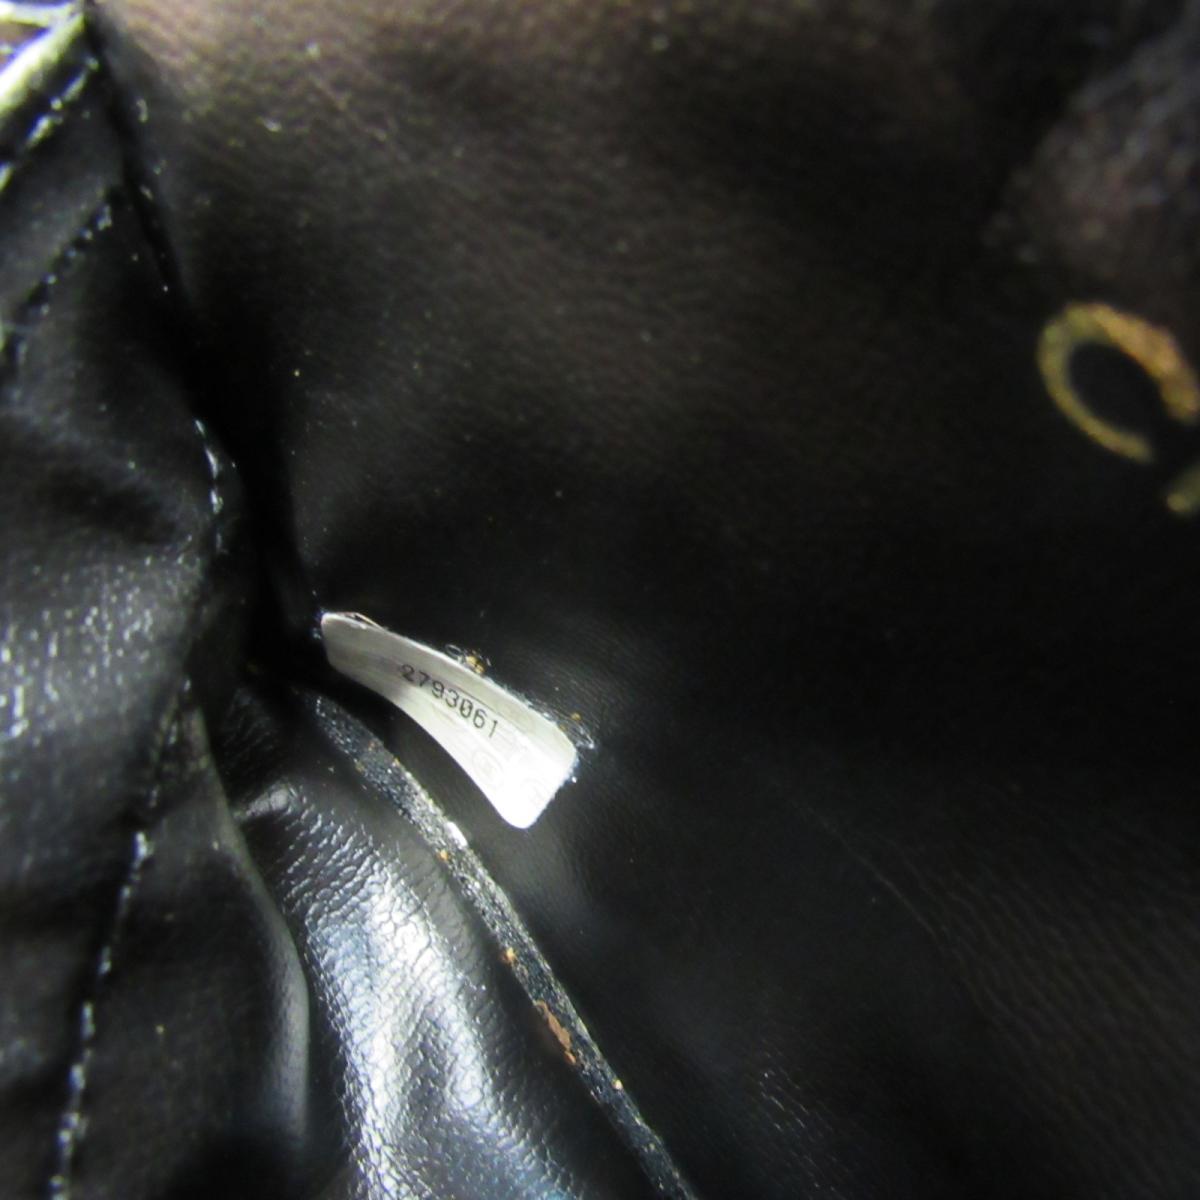 シャネル 横型バニティ レディース 牛革カーフブラックCHANEL BRANDOFF ブランドオフ ブランド ブランドバッグ ブランドバック かばん バッグ バック ハンドバッグ ハンドバック ハンドl1FJcK